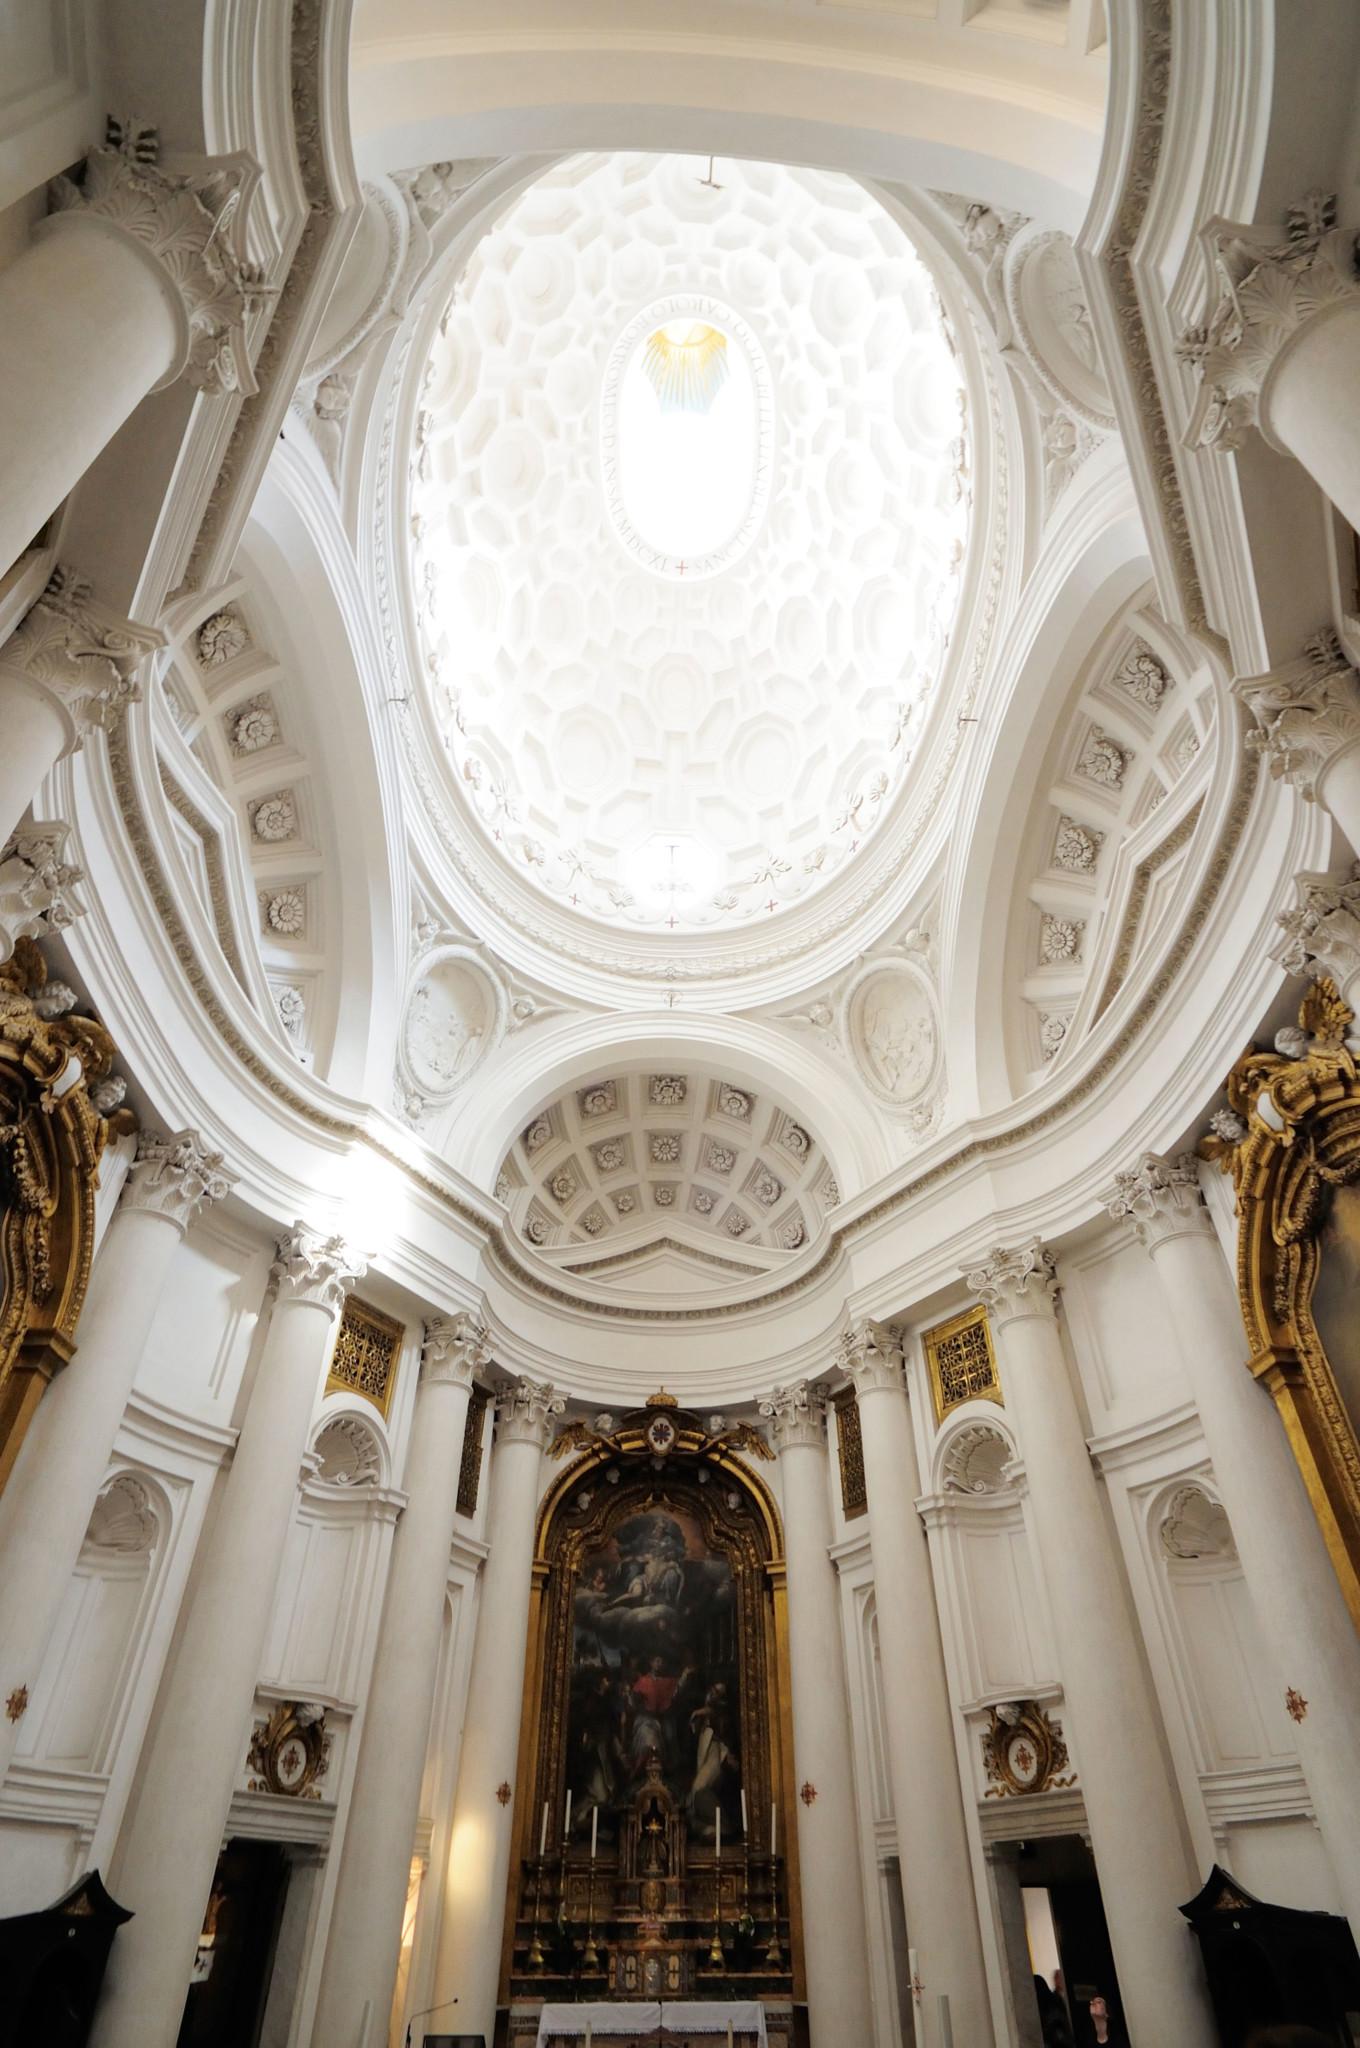 Wnętrze kościoła San Carlo alle Quattro Fontane.